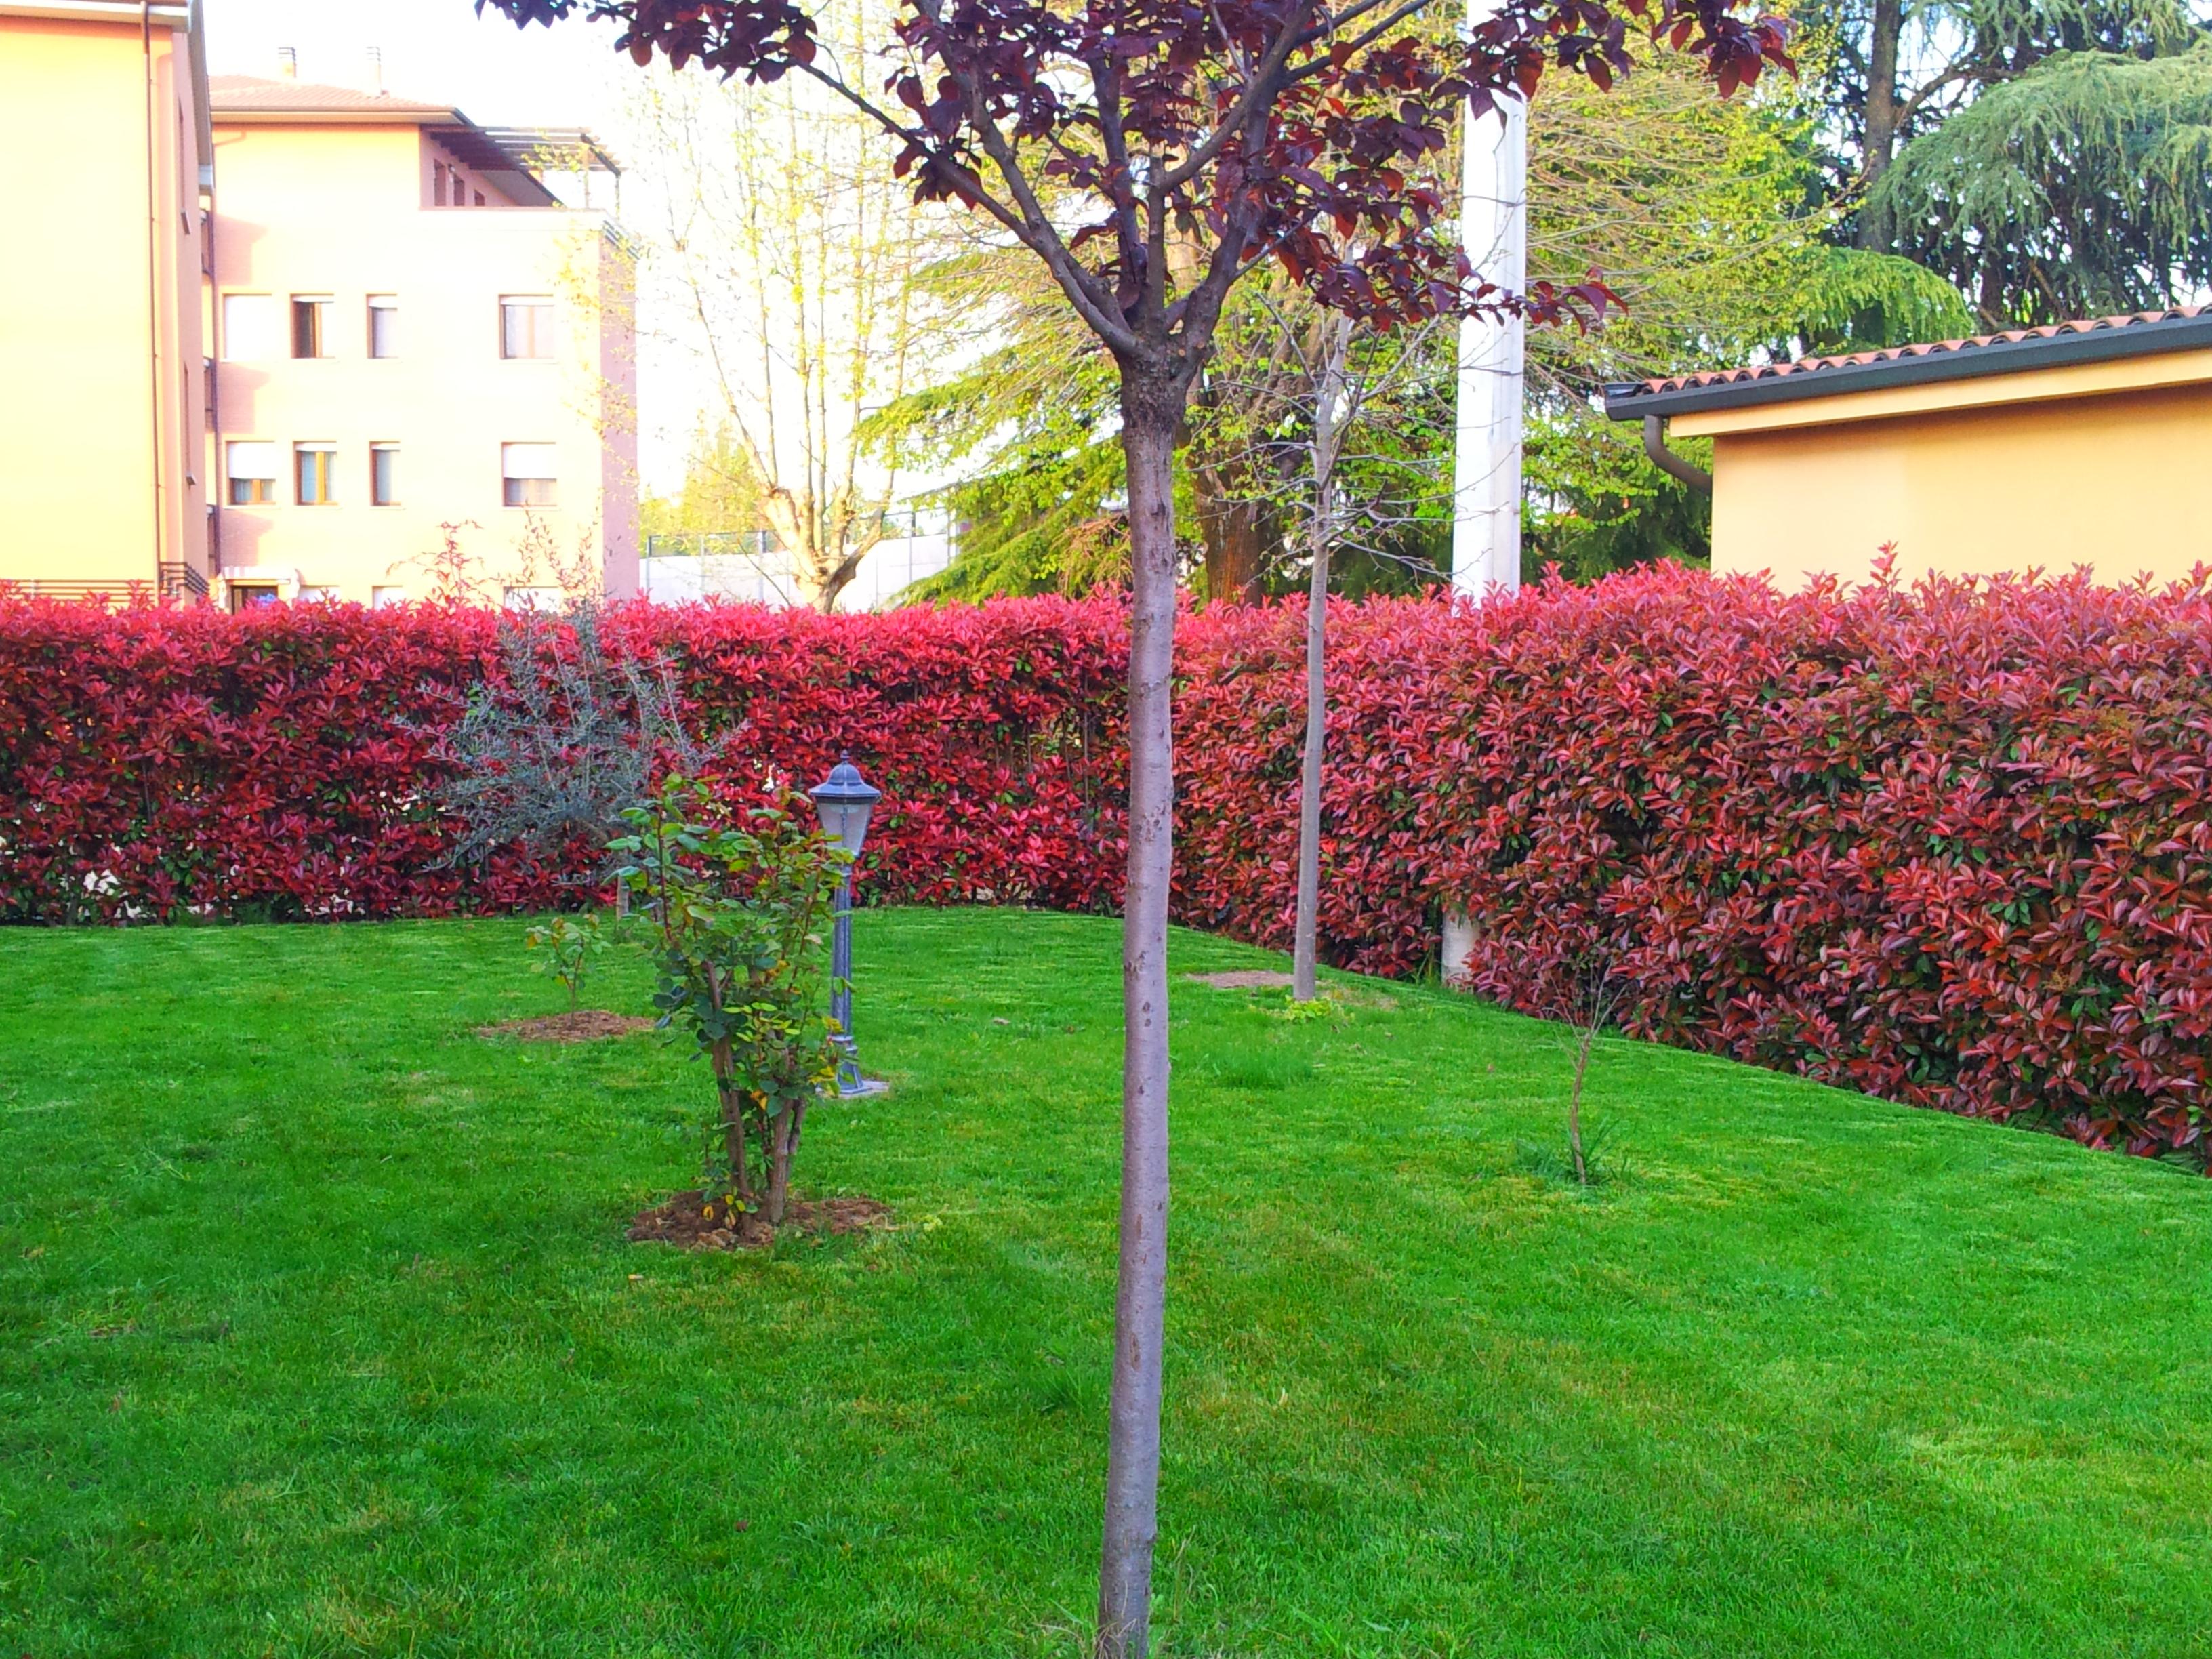 Photinia pianta per siepi da giardino - Siepi ornamentali da giardino ...